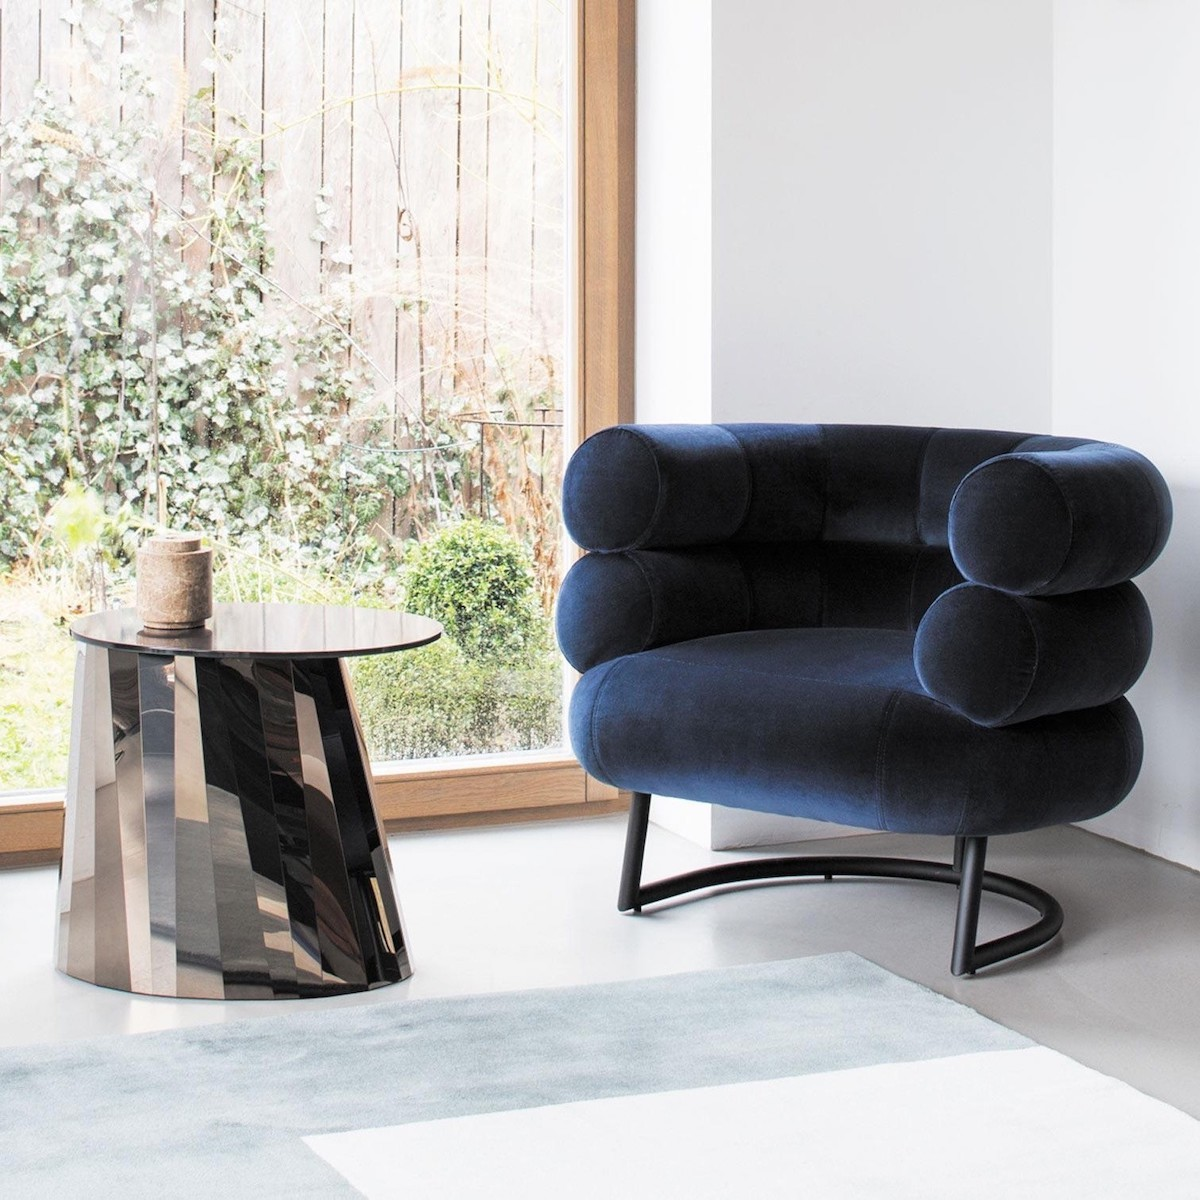 Bibendum fauteuil eileen gray velours bleu marine table basse miroir design - blog déco - clematc